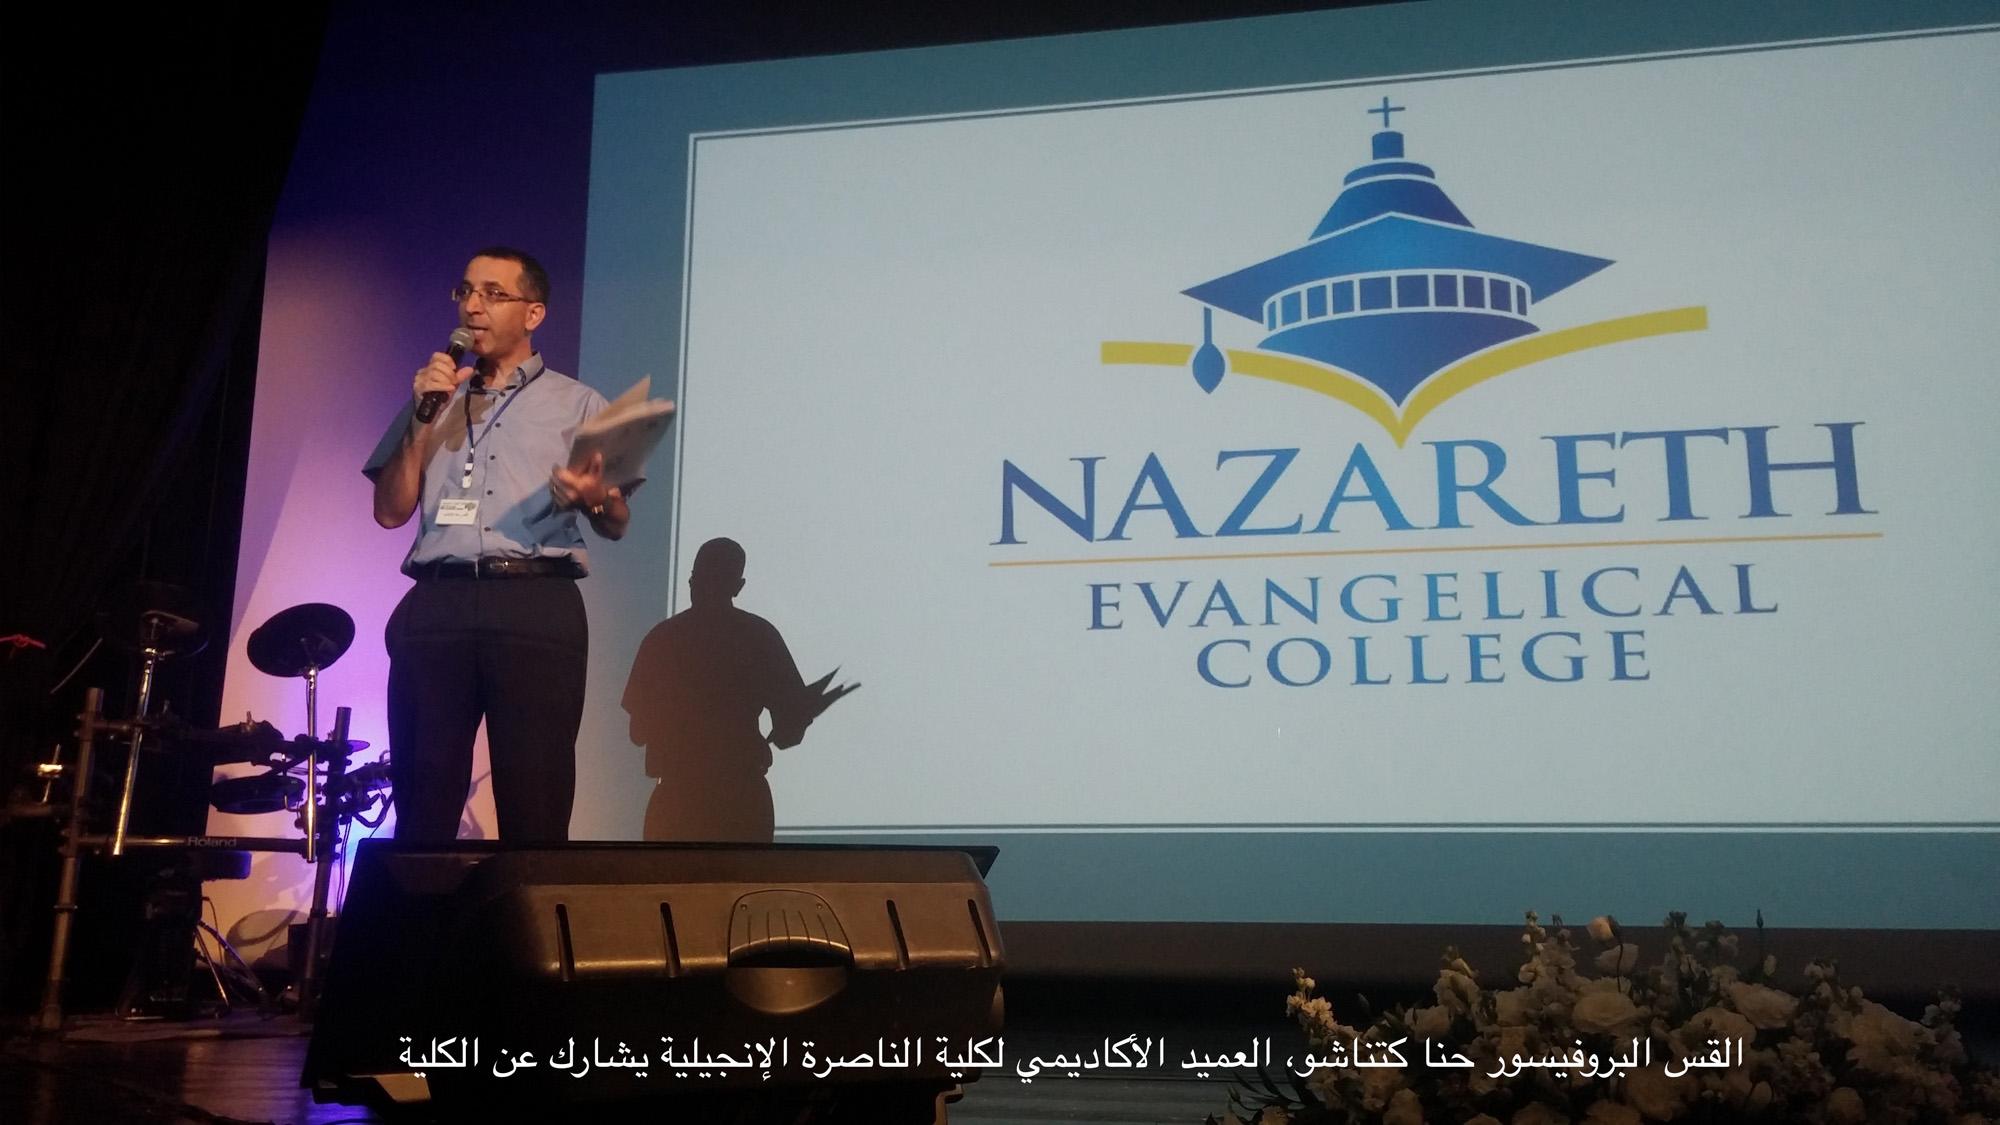 القس حنا كتناشو يتكلم عن كلية الناصرة الانجيلية